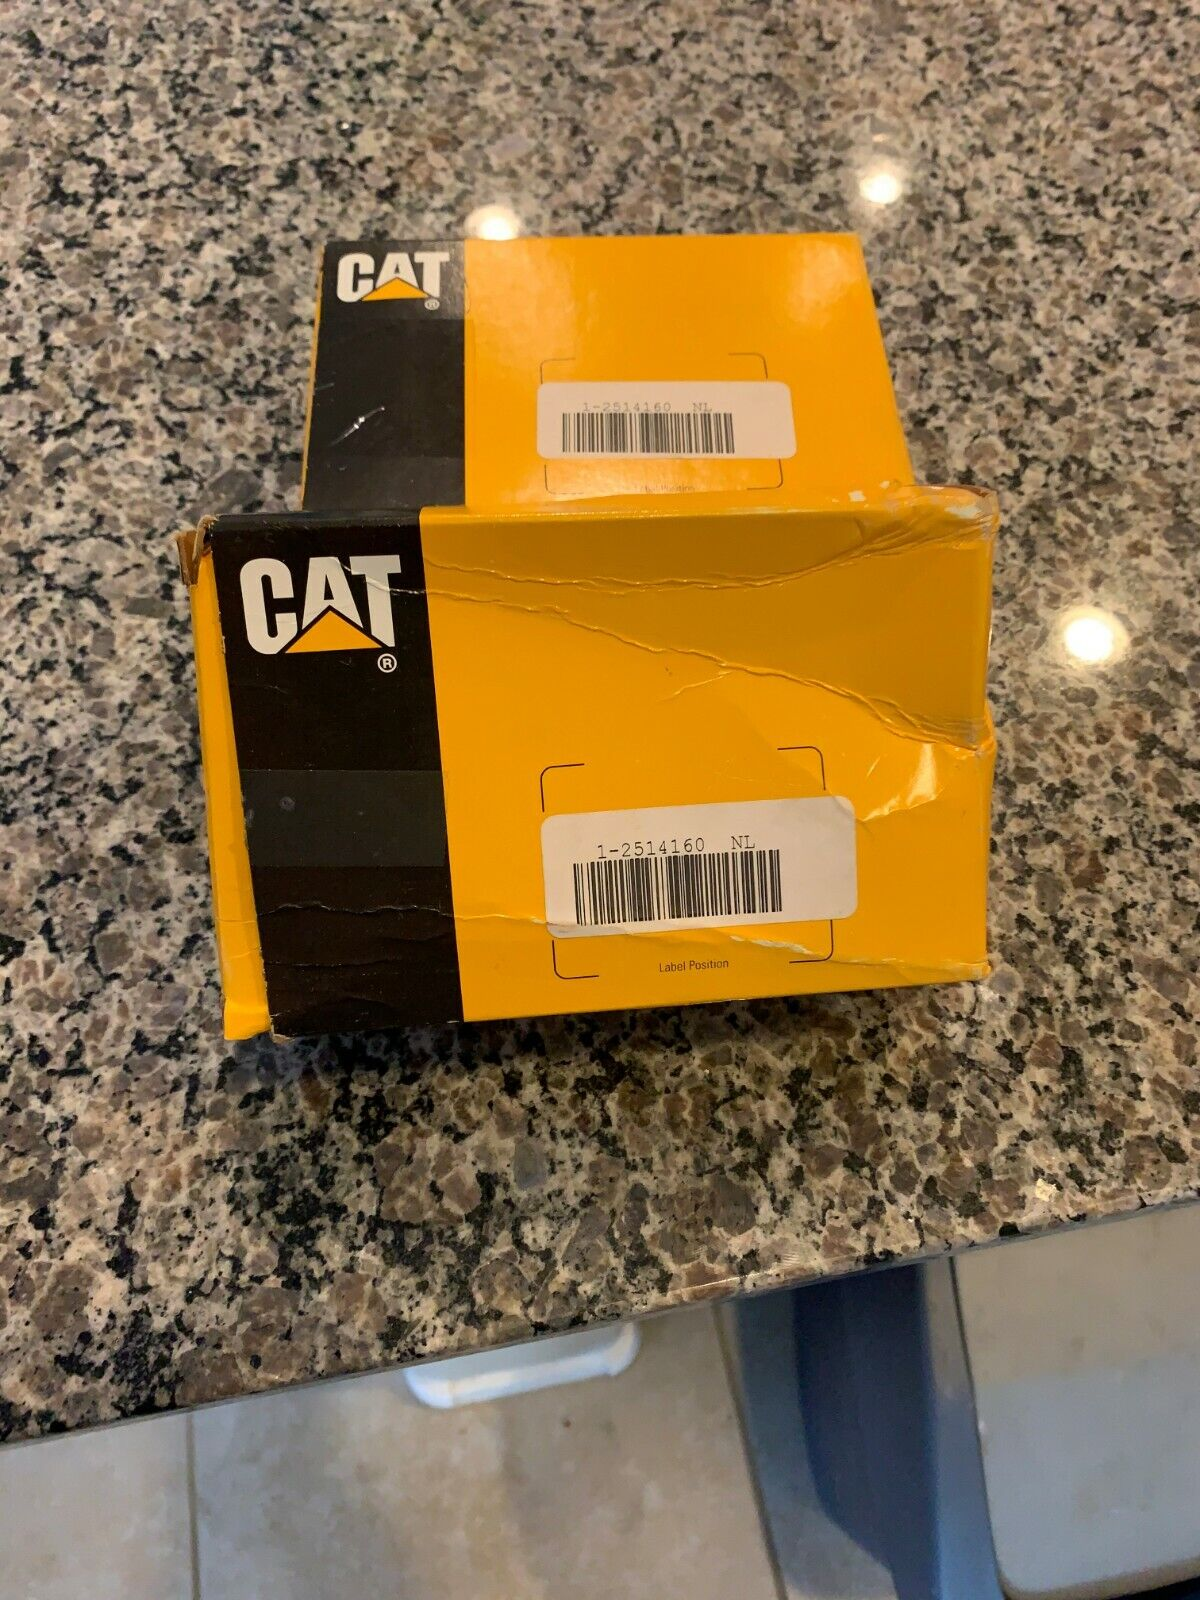 LOT of 2 NEW Cat 251-4160 Cameras 115 Deg Color Loader, Dozer, Motor Grader